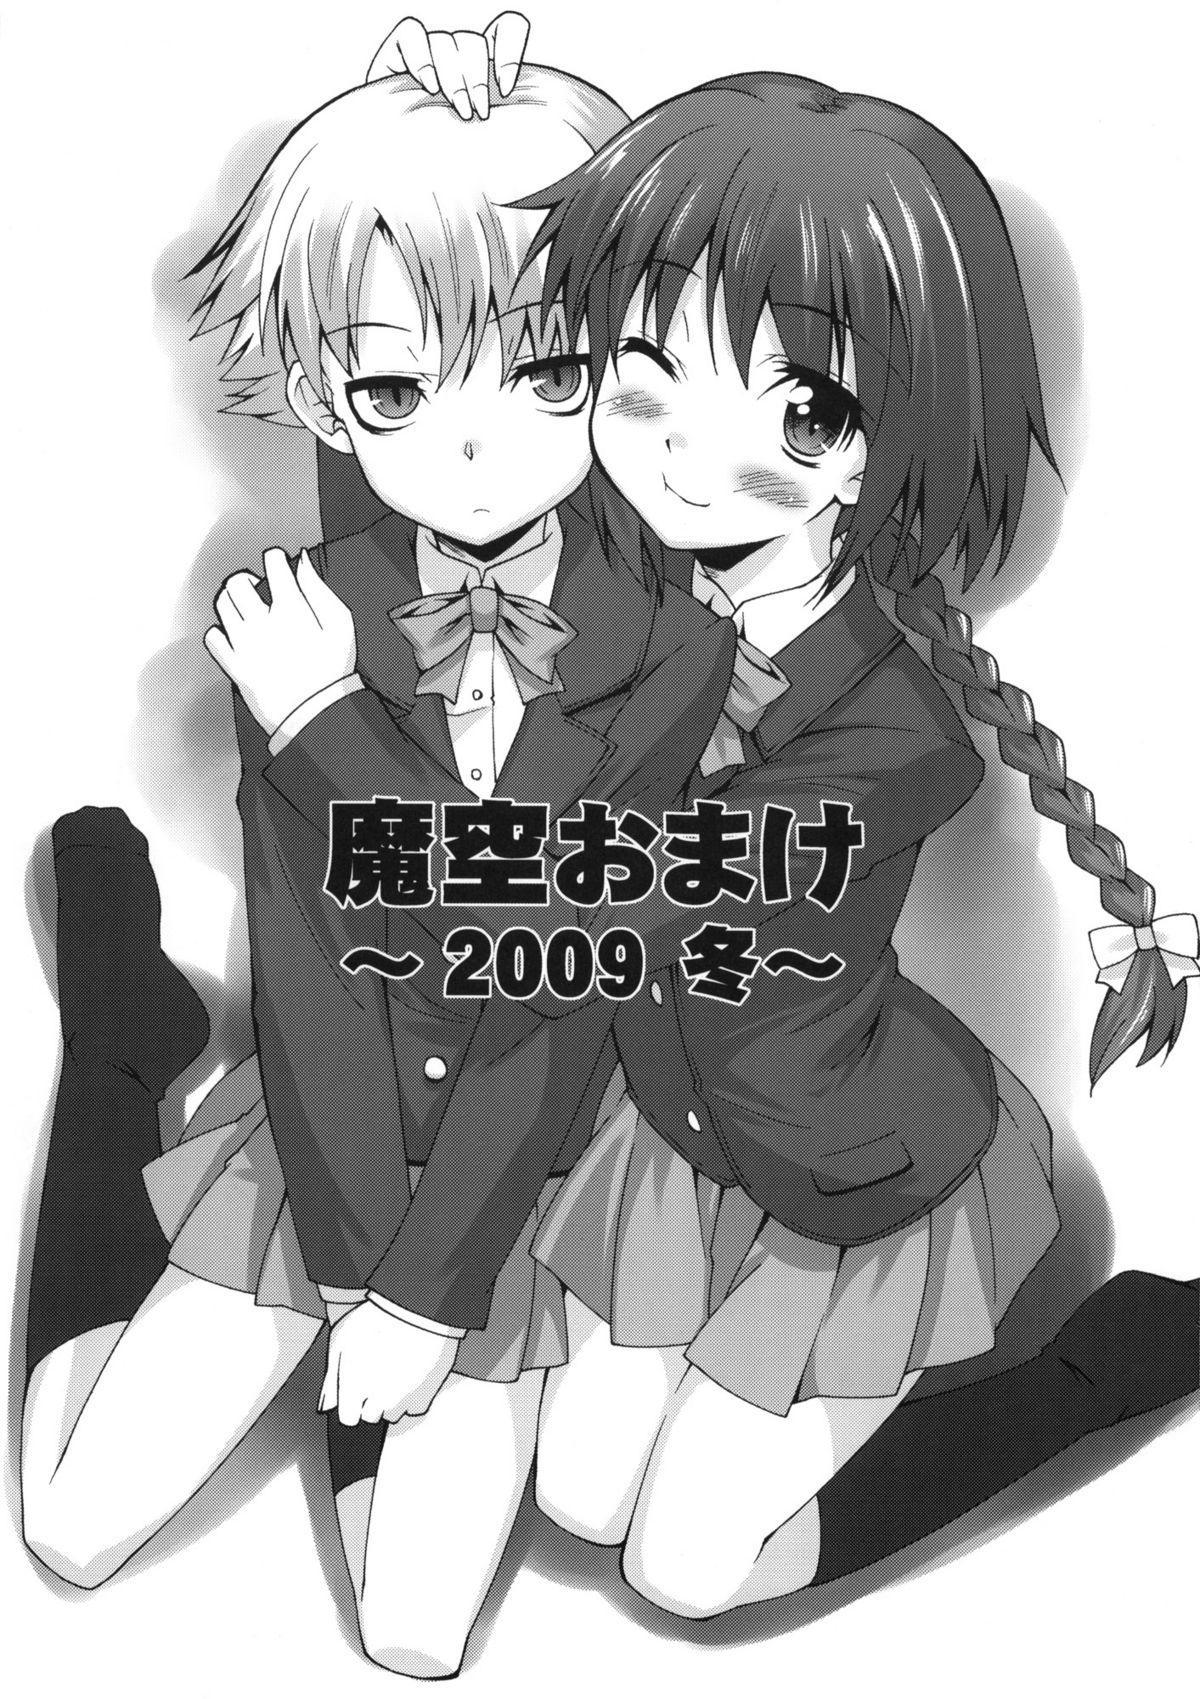 Mako P Tsuushin Kaijou Gentei Omake Hon 30